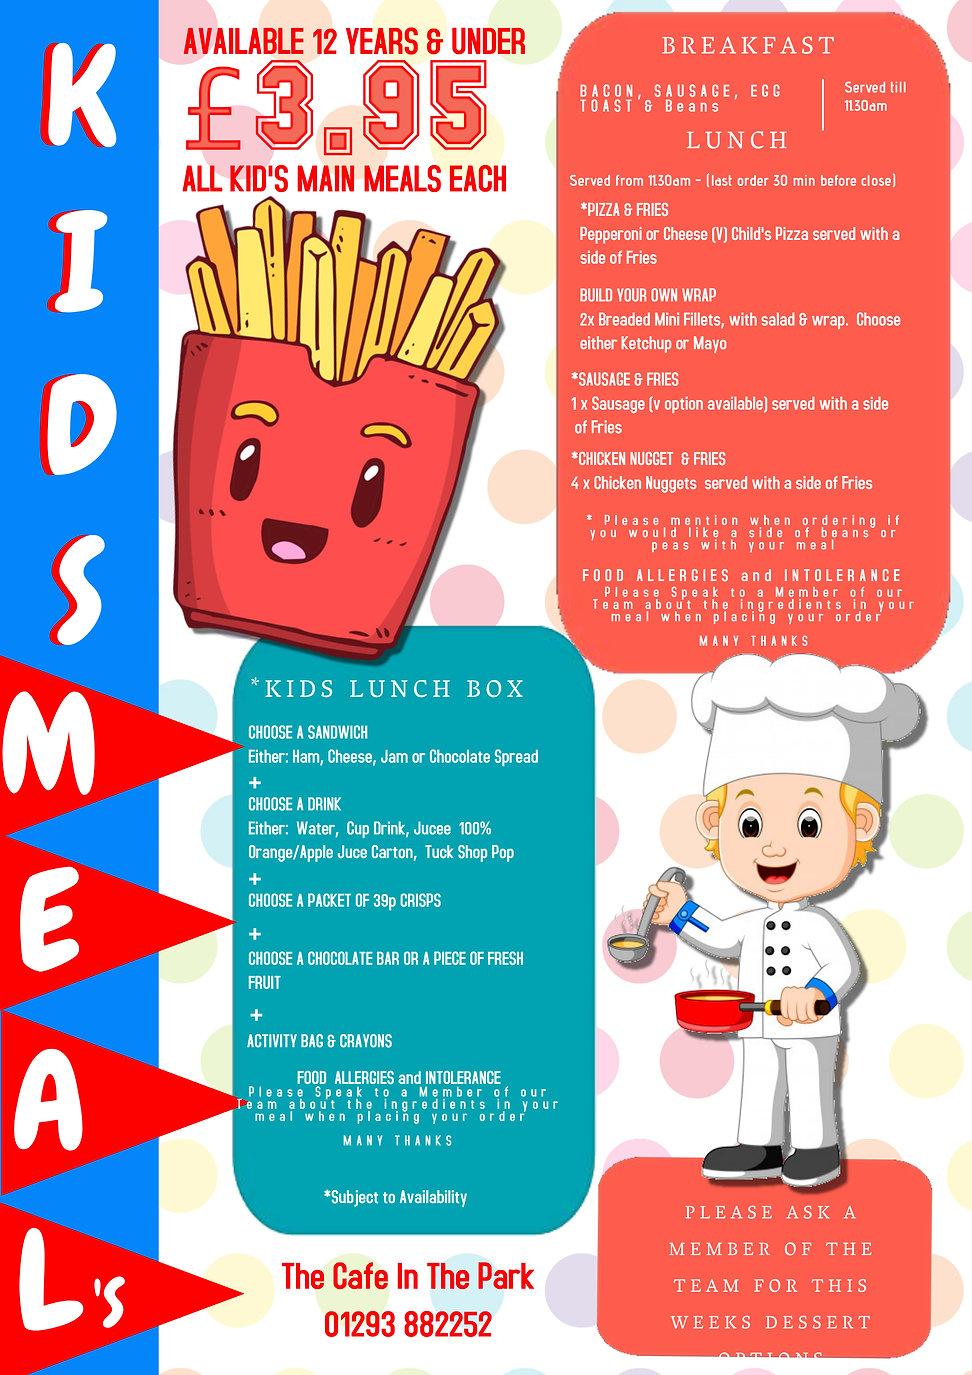 childrens full menu april 2021.jpg